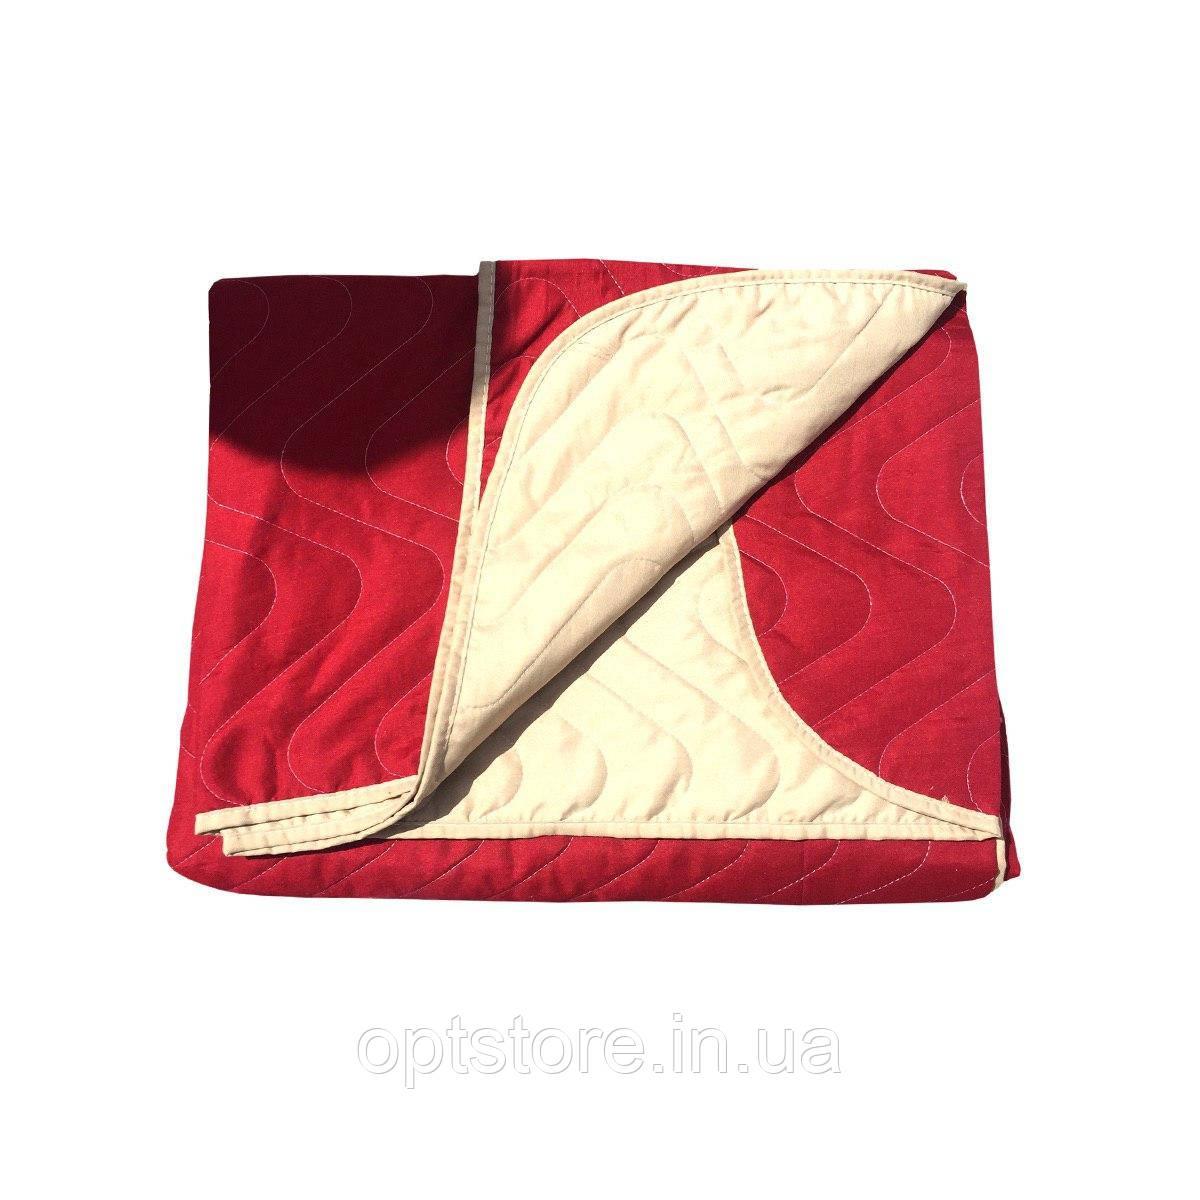 """""""Двокольорове"""" Літній ковдра-покривало євро розмір 200/210 см, наповнювач: холофайбер. Тканина: Бязь."""